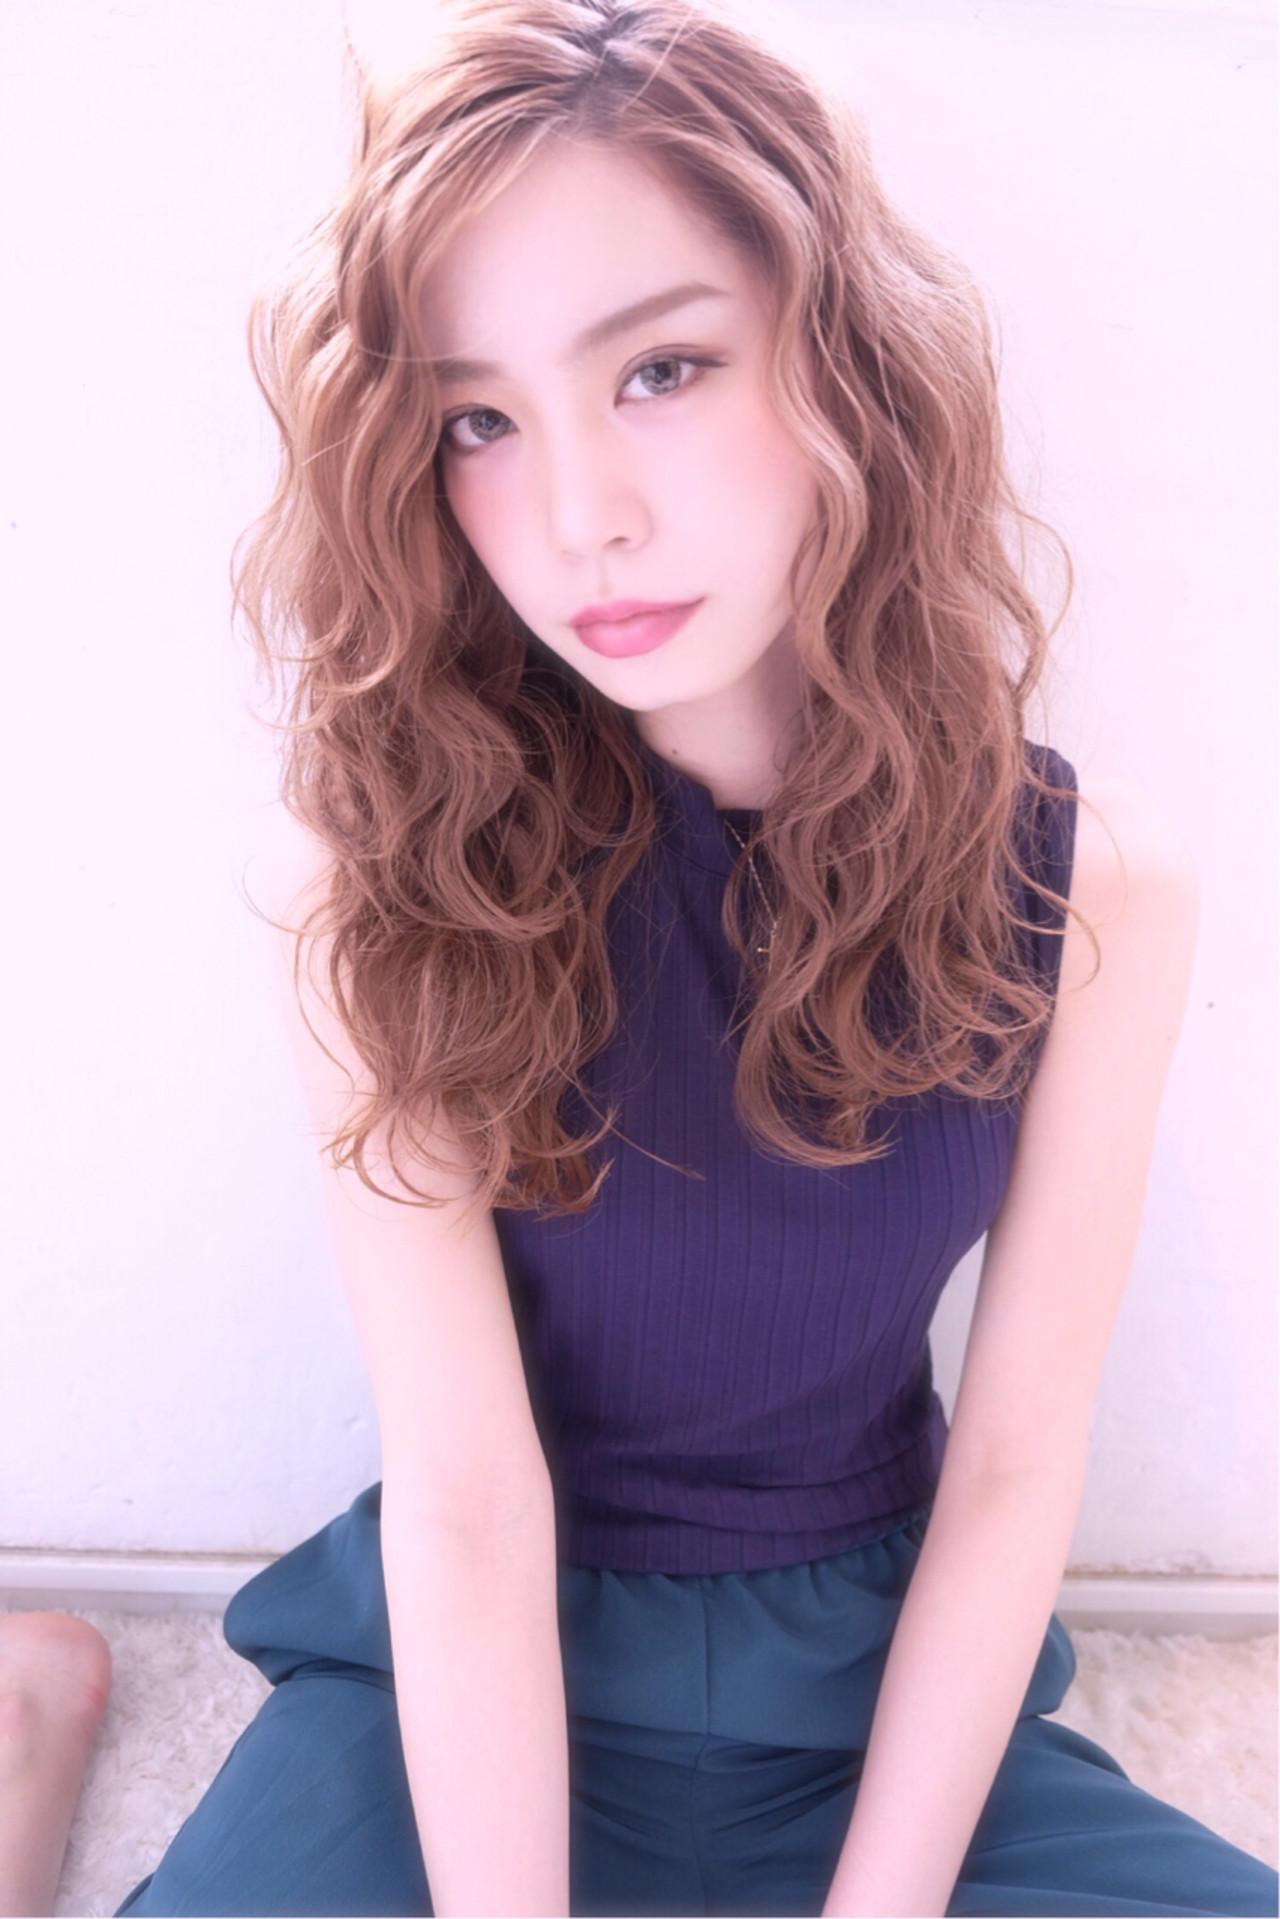 愛され ガーリー ロング ヘアアレンジ ヘアスタイルや髪型の写真・画像 | saori / Embellir